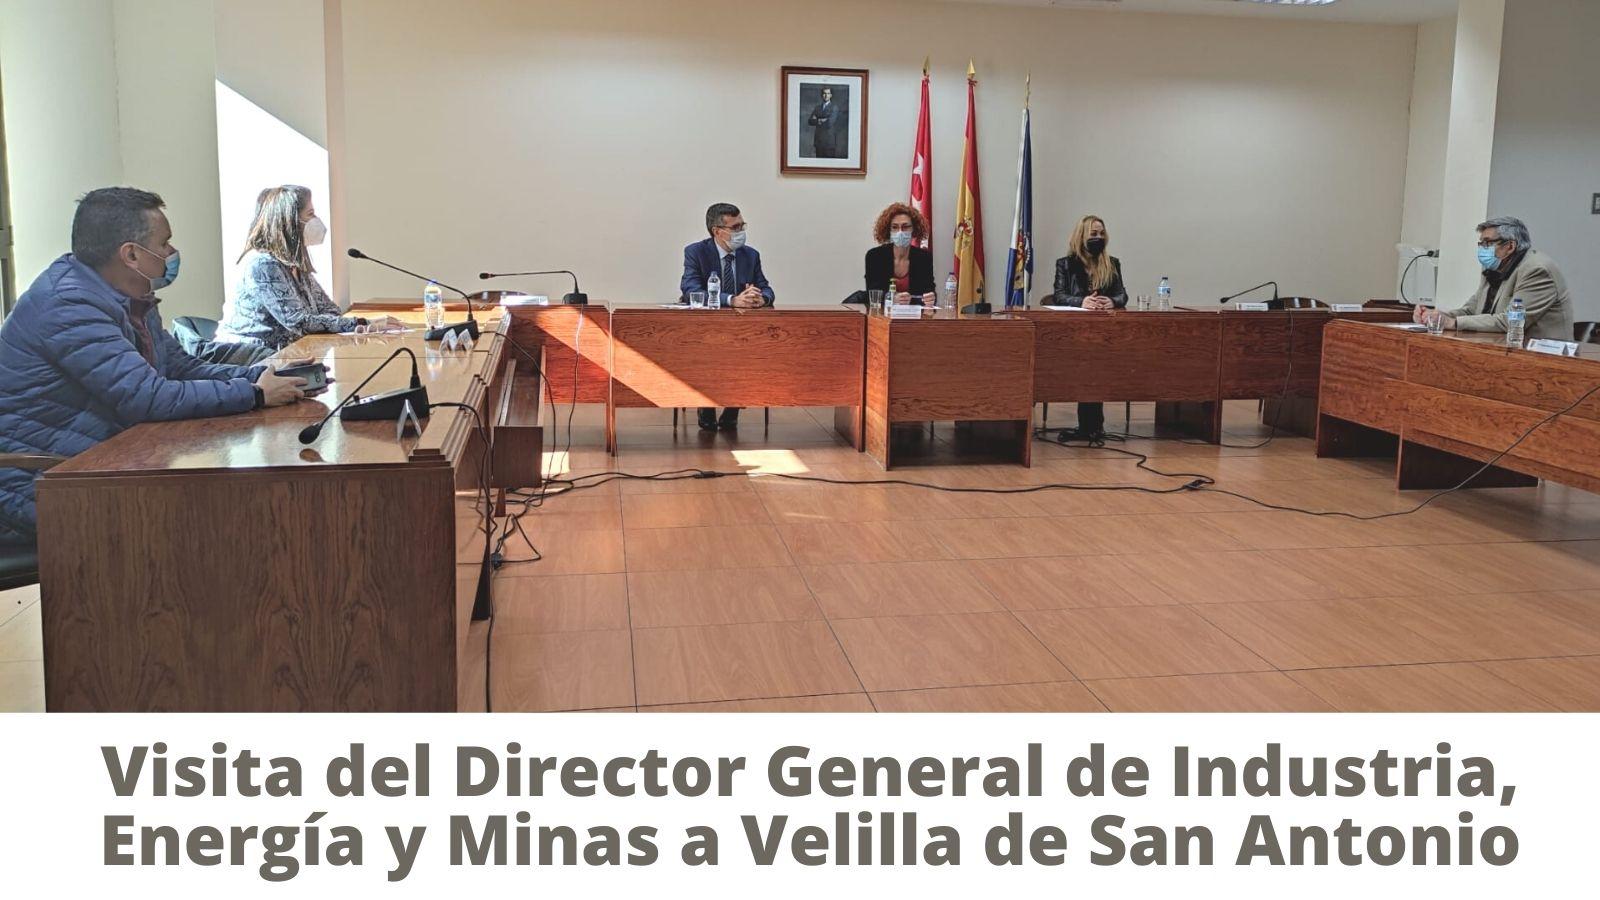 El Director General de Industria, Energía y Minas, David del Valle, visita Velilla de San Antonio